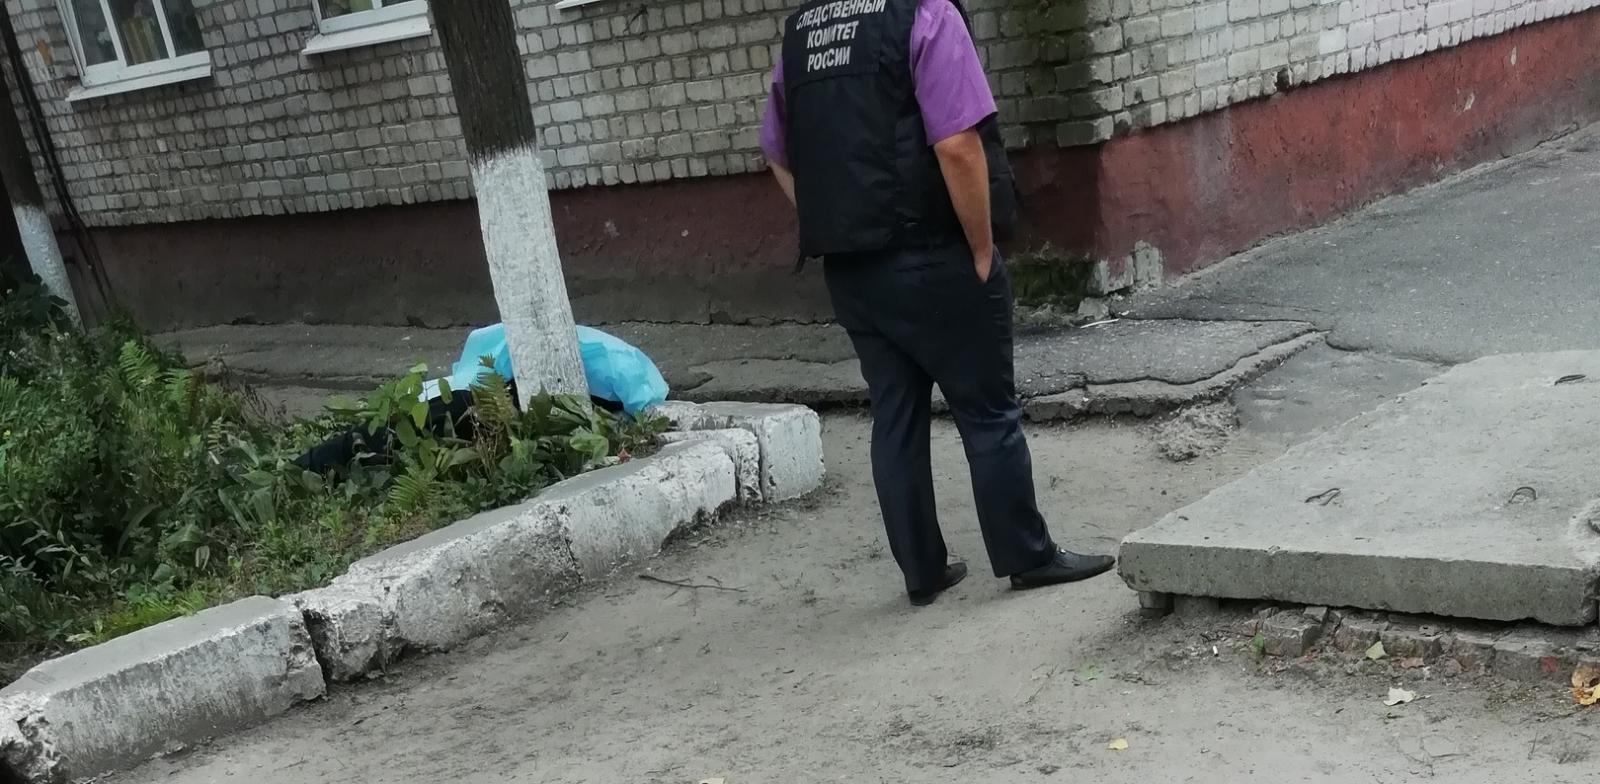 Житель Брянска разбился, упав с четвертого этажа